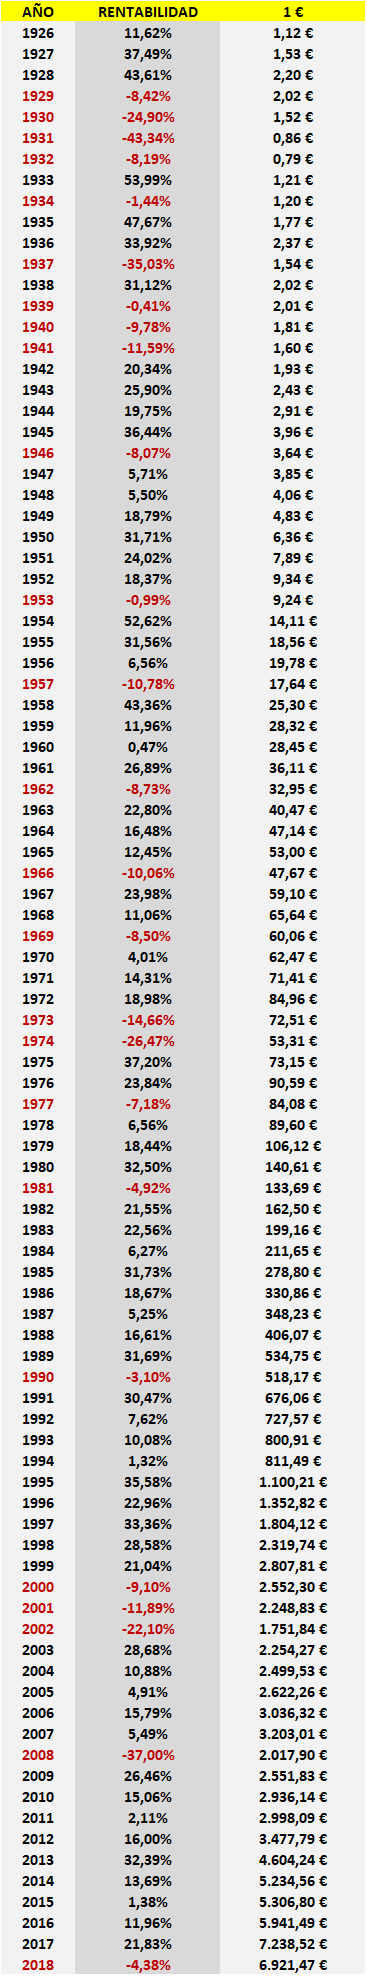 rentabilidad del SP500 desde 1926